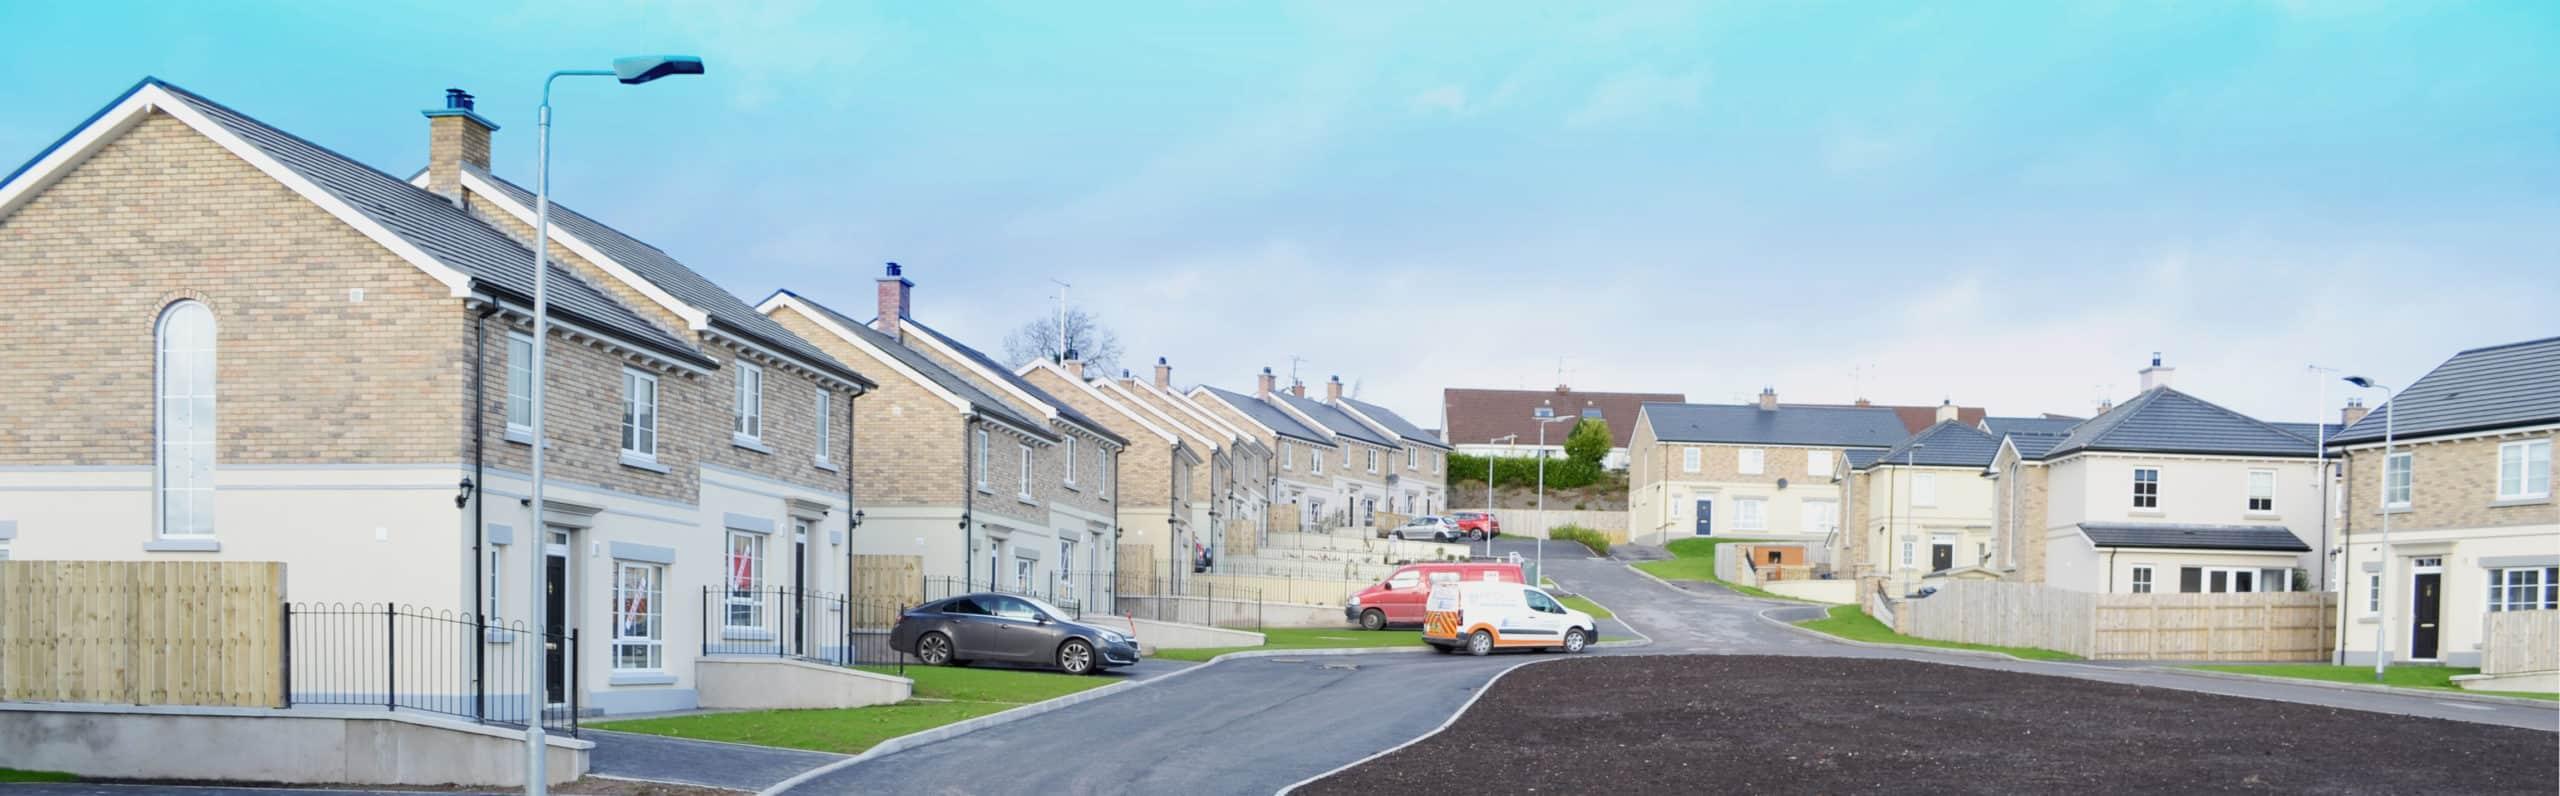 College Park Lane Development Enniskillen